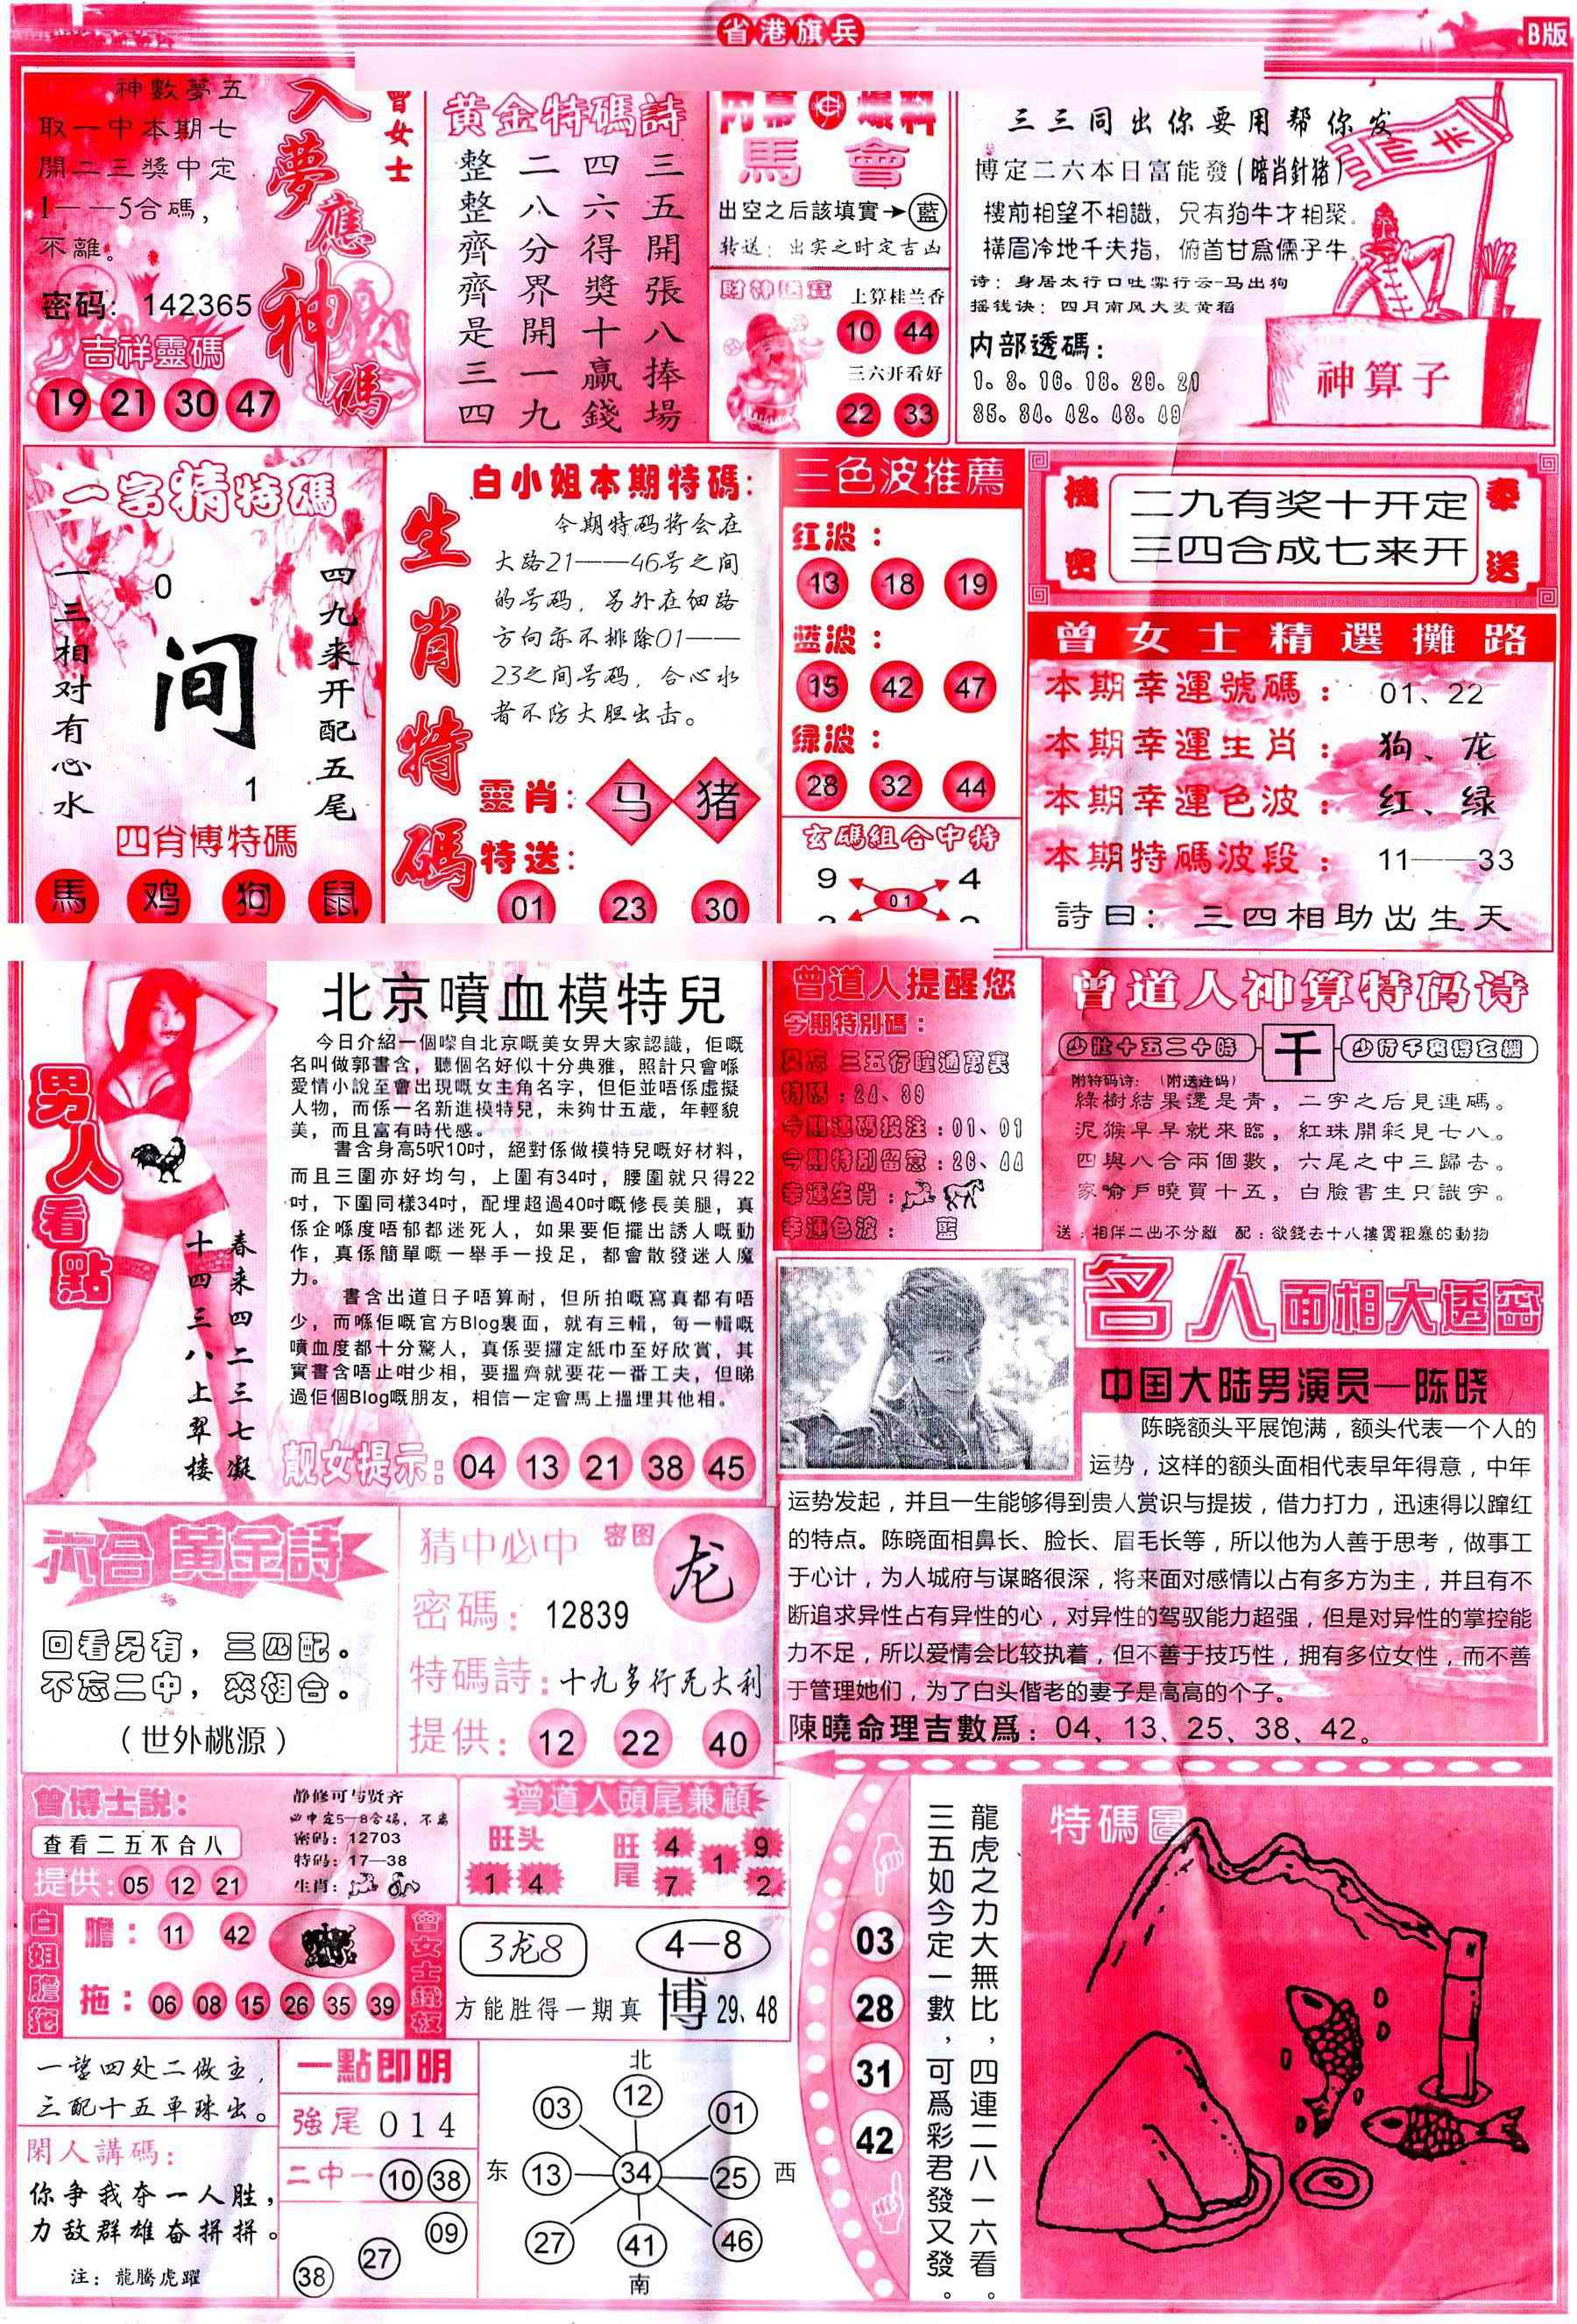 068期彩道B(保证香港版)